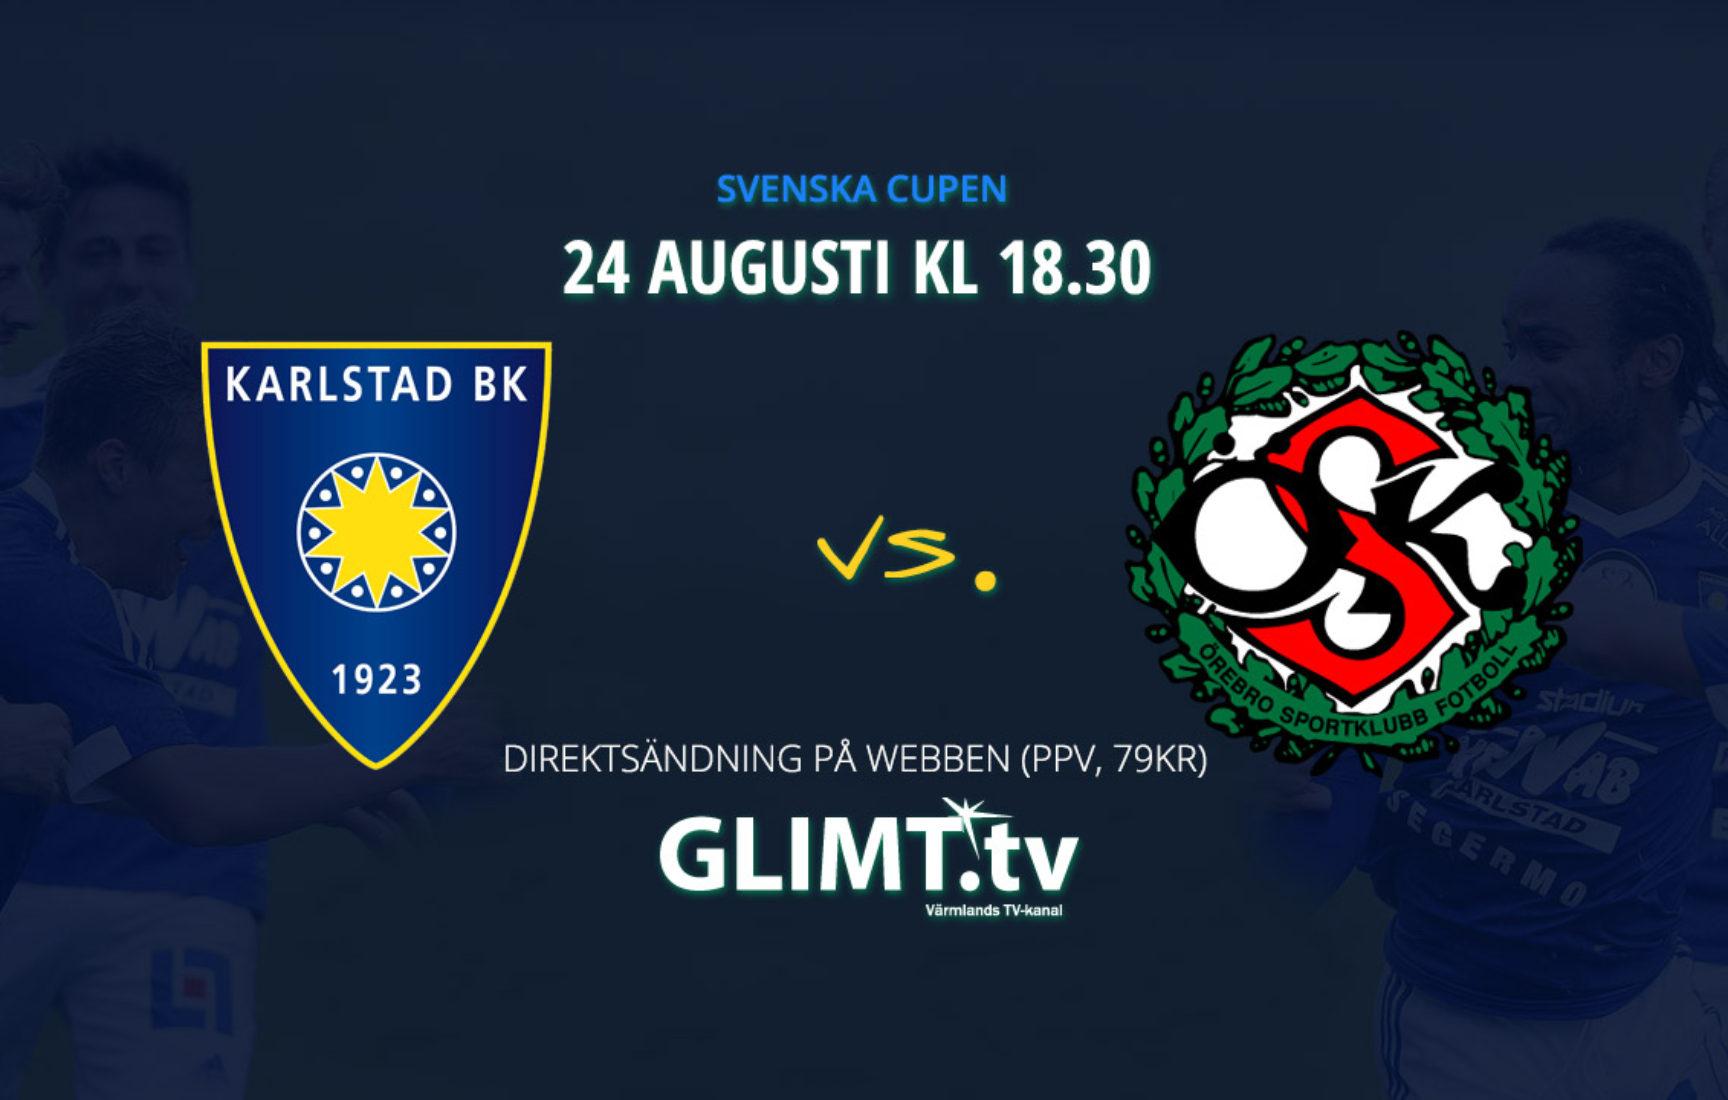 Karlstad BK vs Örebro SK i Svenska Cupen